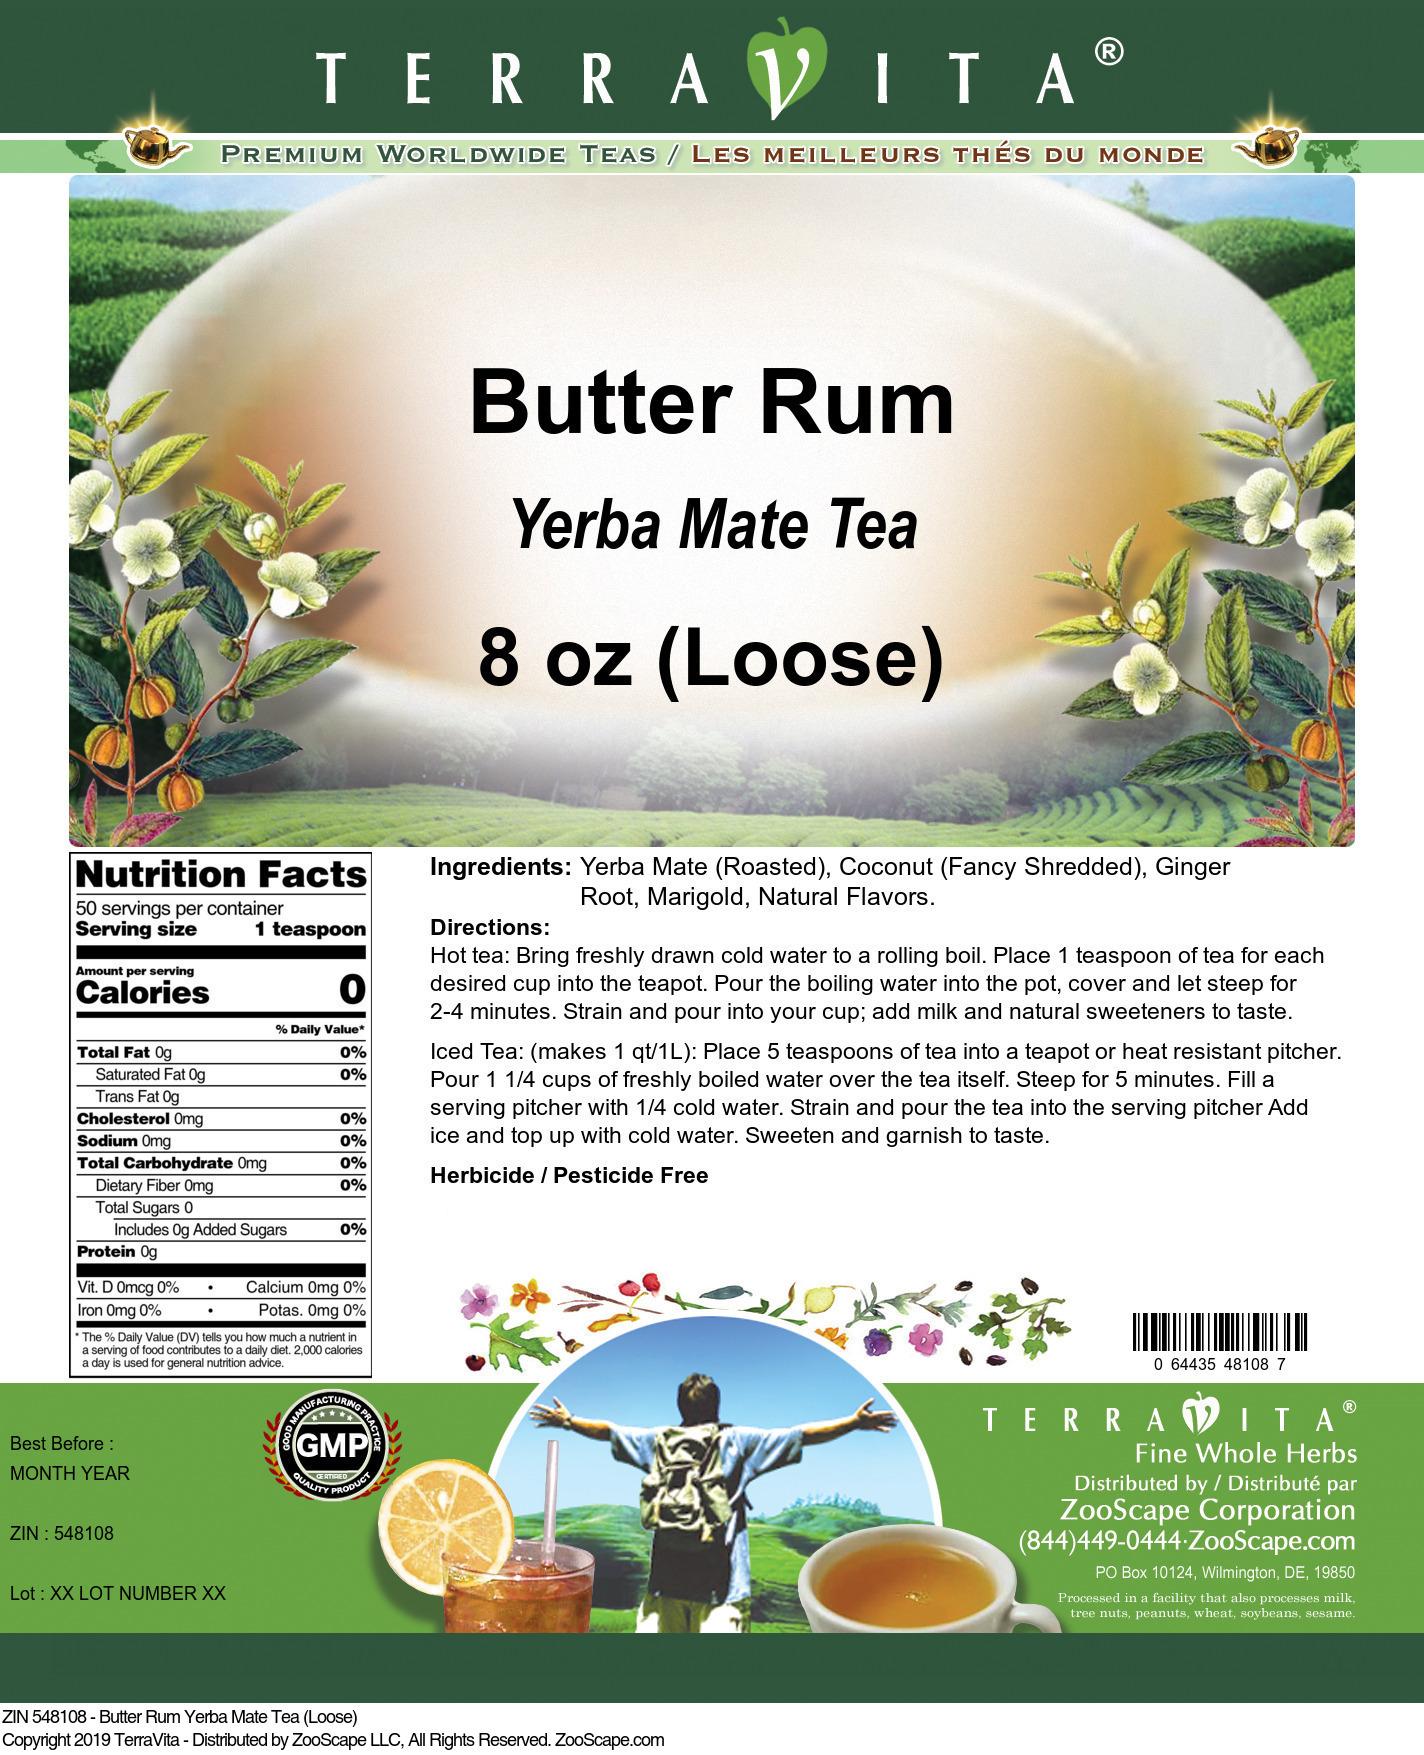 Butter Rum Yerba Mate Tea (Loose)